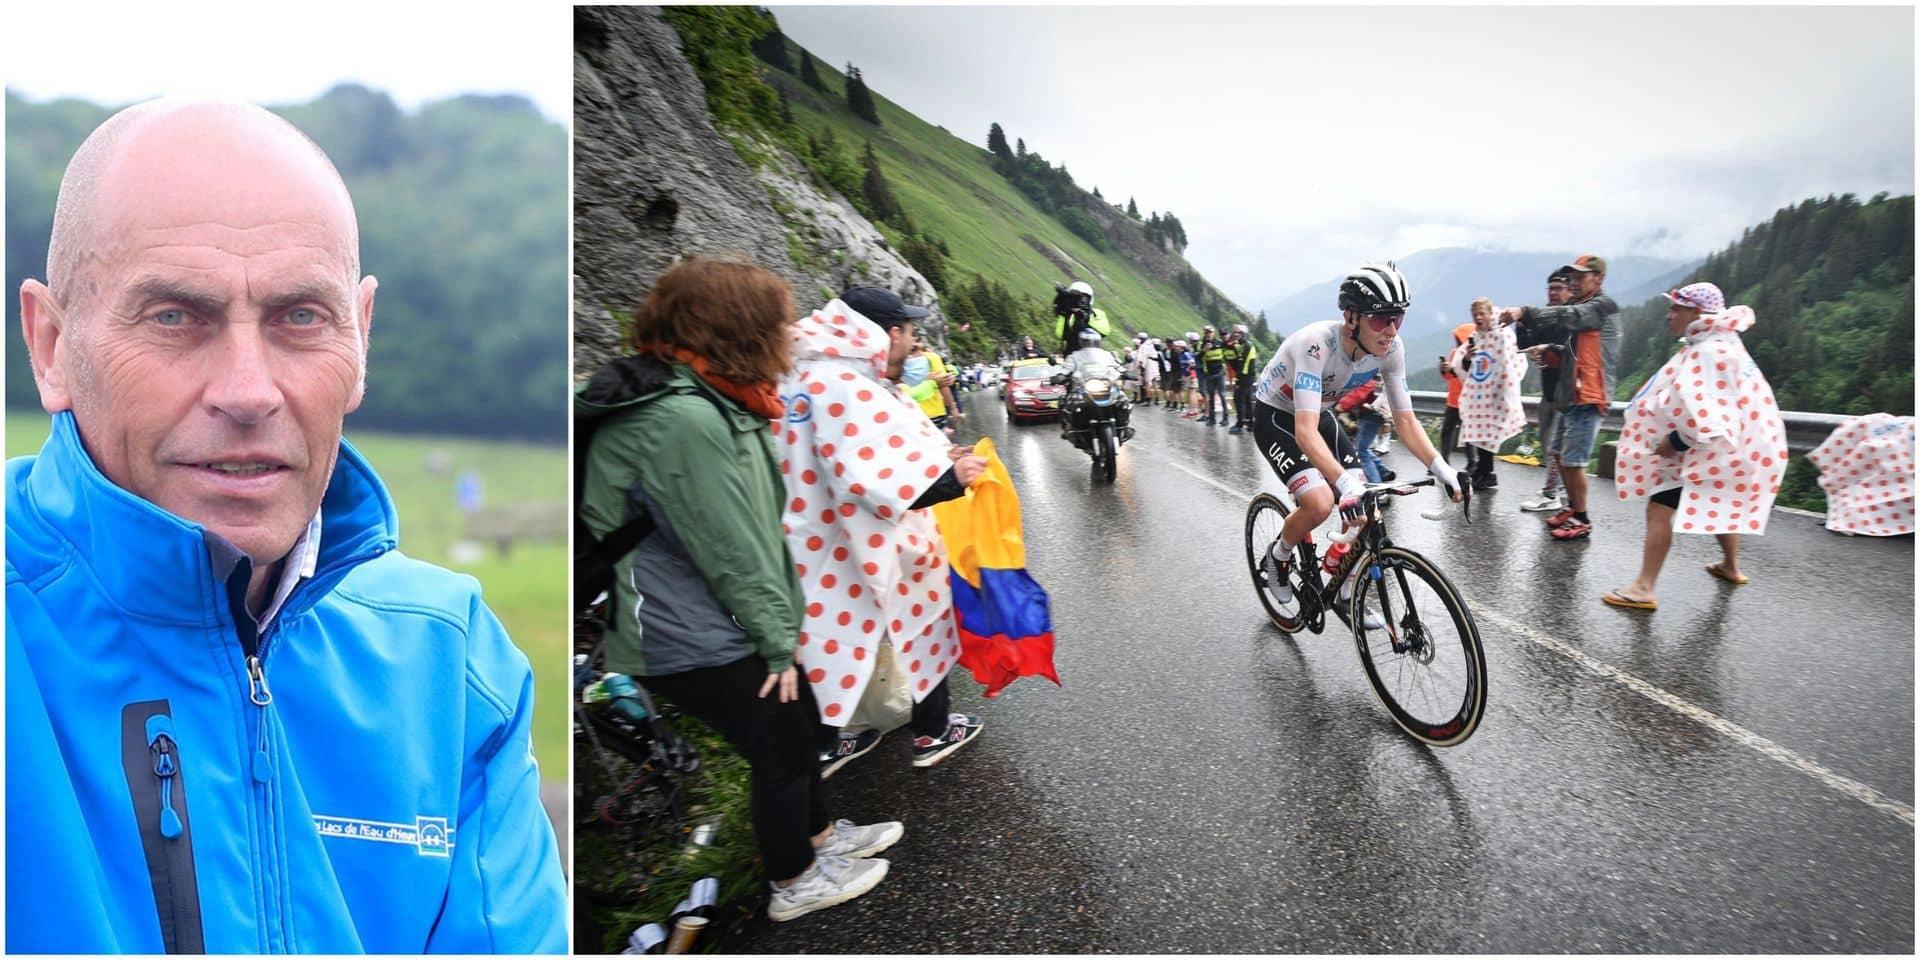 """L'avis de notre consultant Jean-Luc Vandenbroucke sur le show Pogacar: """"Une démonstration à la Merckx ou à la Hinault"""""""